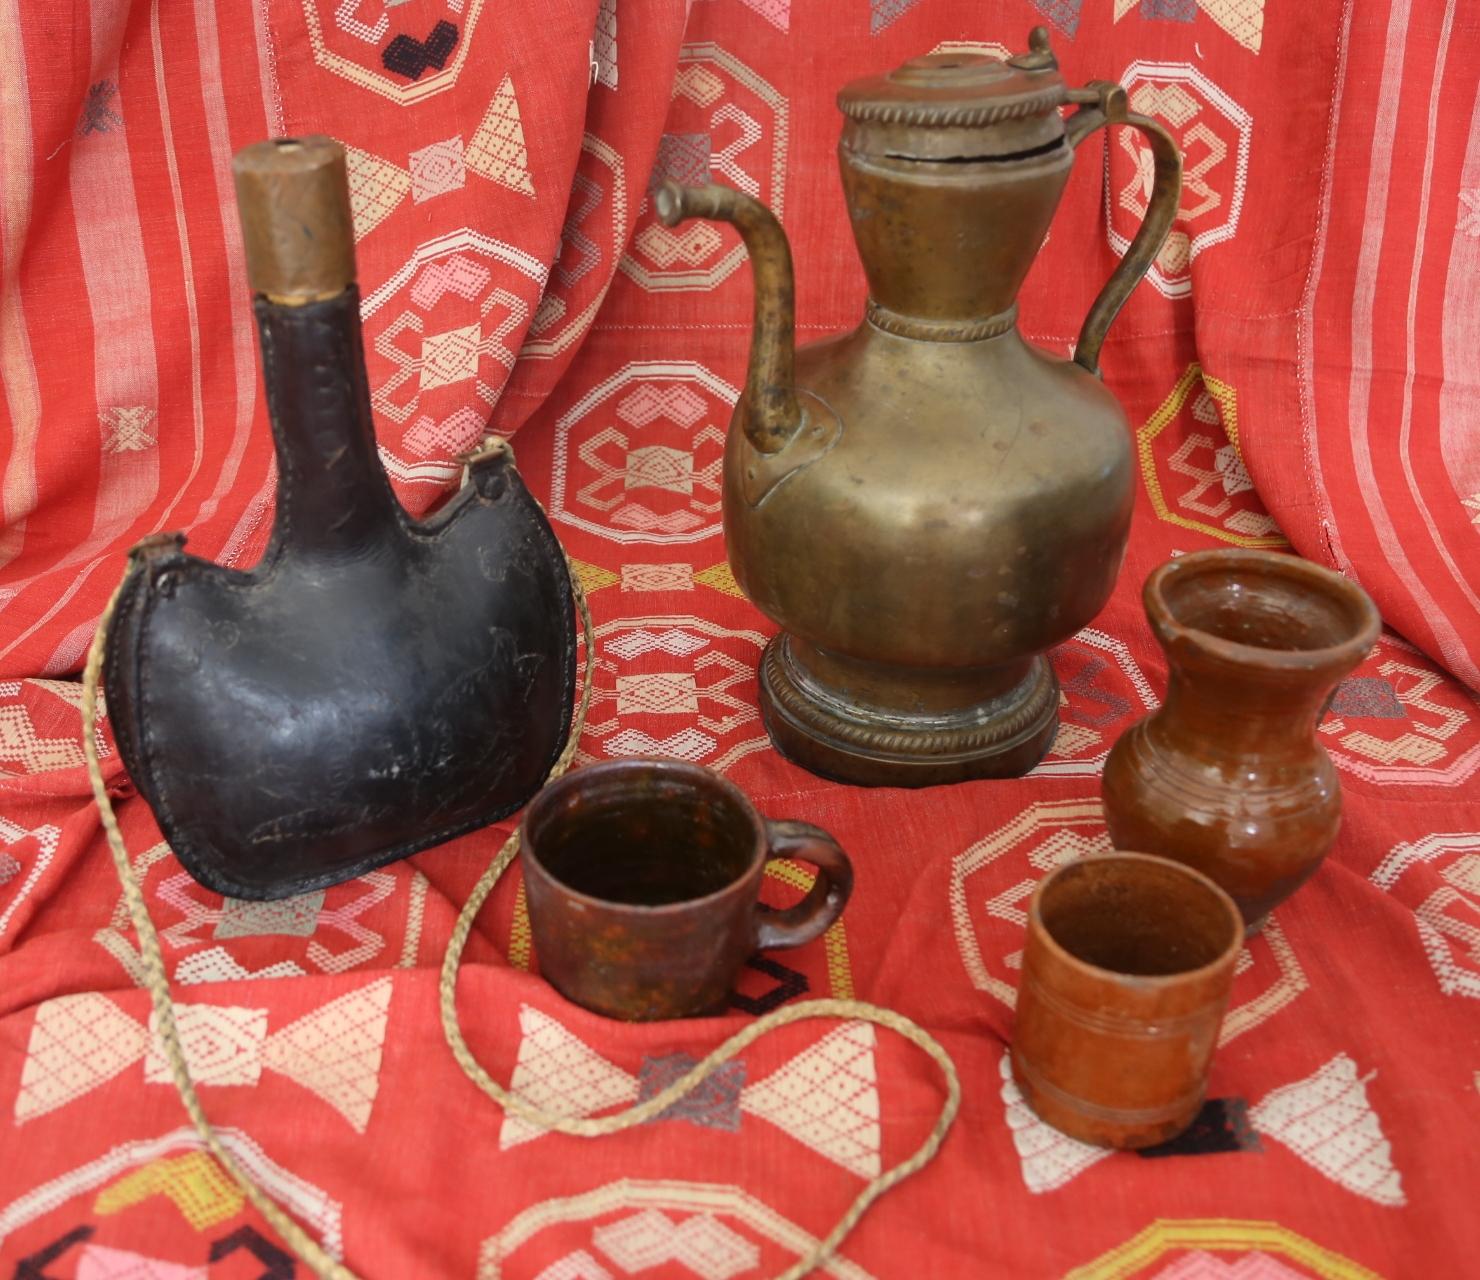 традиционные предметы быта немцев фото